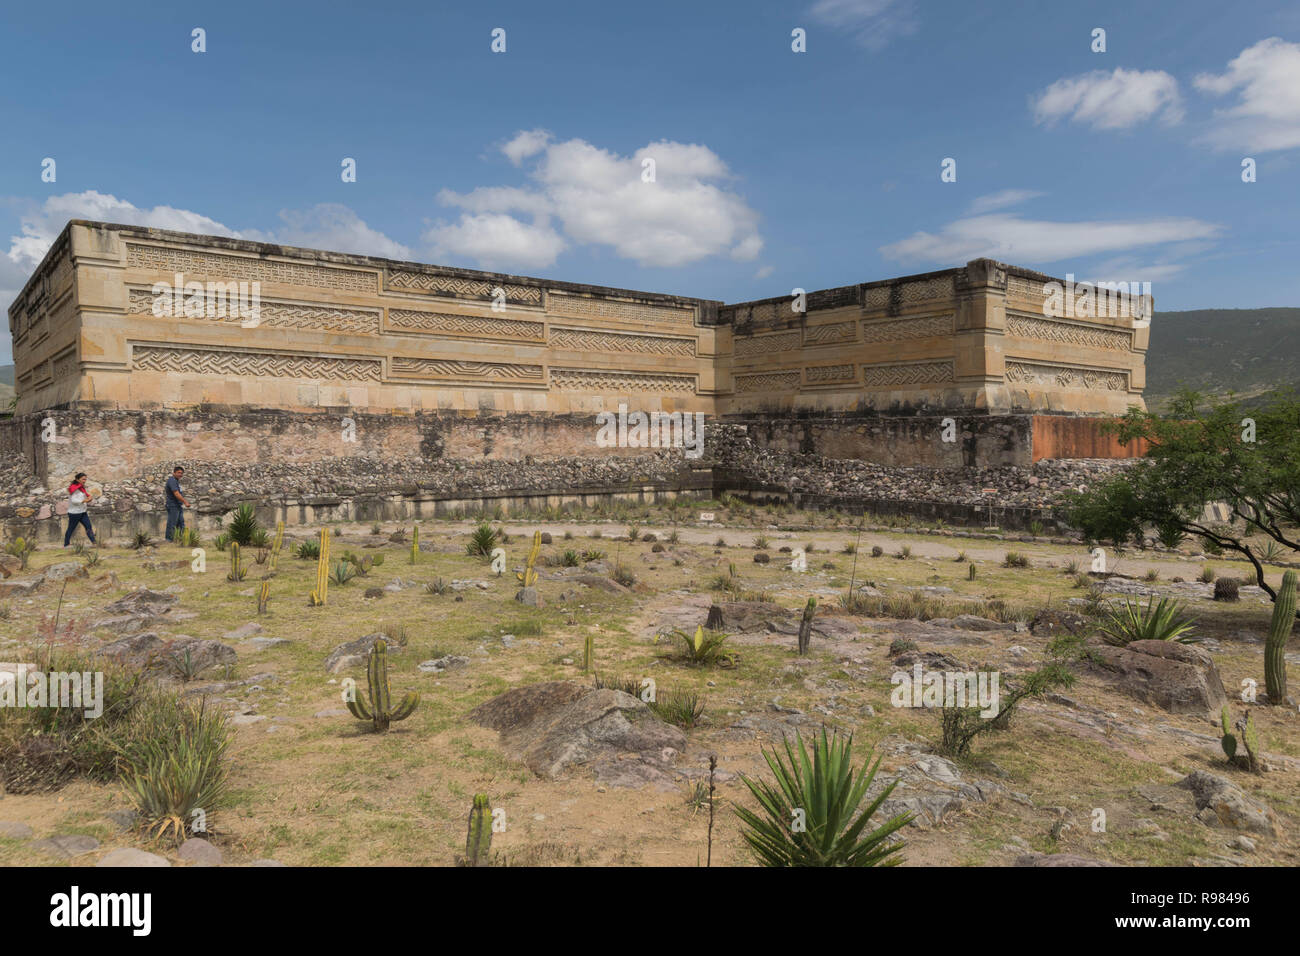 Ruines de Mitla, paysage sec avec, de nombreux cactus et un ciel nuageux ciel bleu, à Oaxaca, Mexique Photo Stock